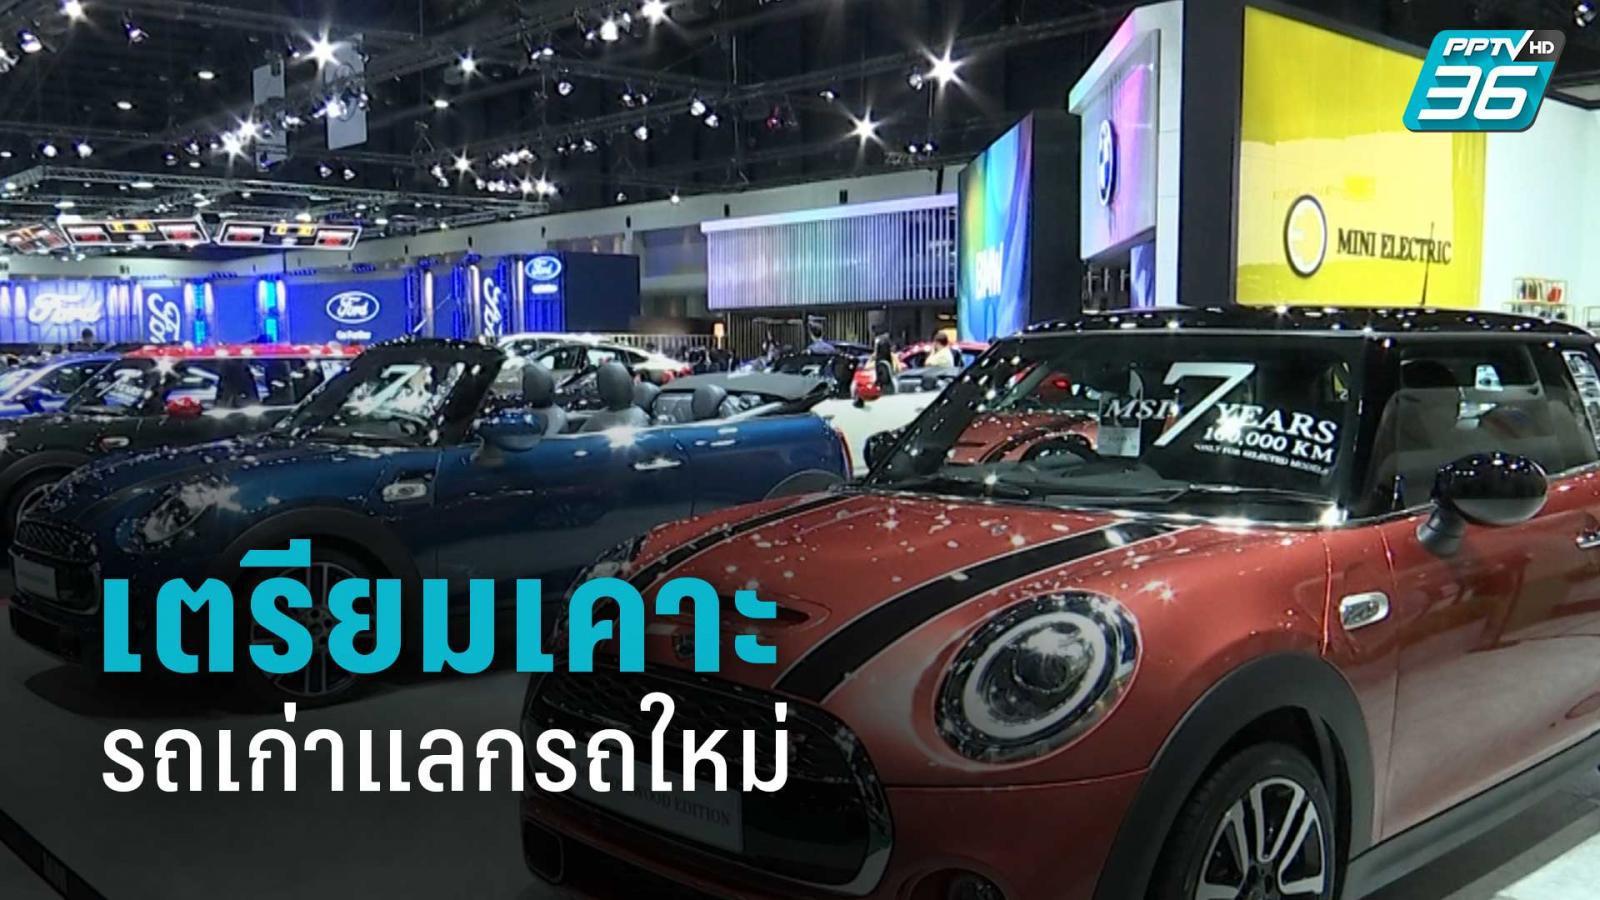 กระทรวงอุตฯ เตรียมเคาะรถเก่าแลกรถใหม่อีก 15 วันได้ข้อสรุป